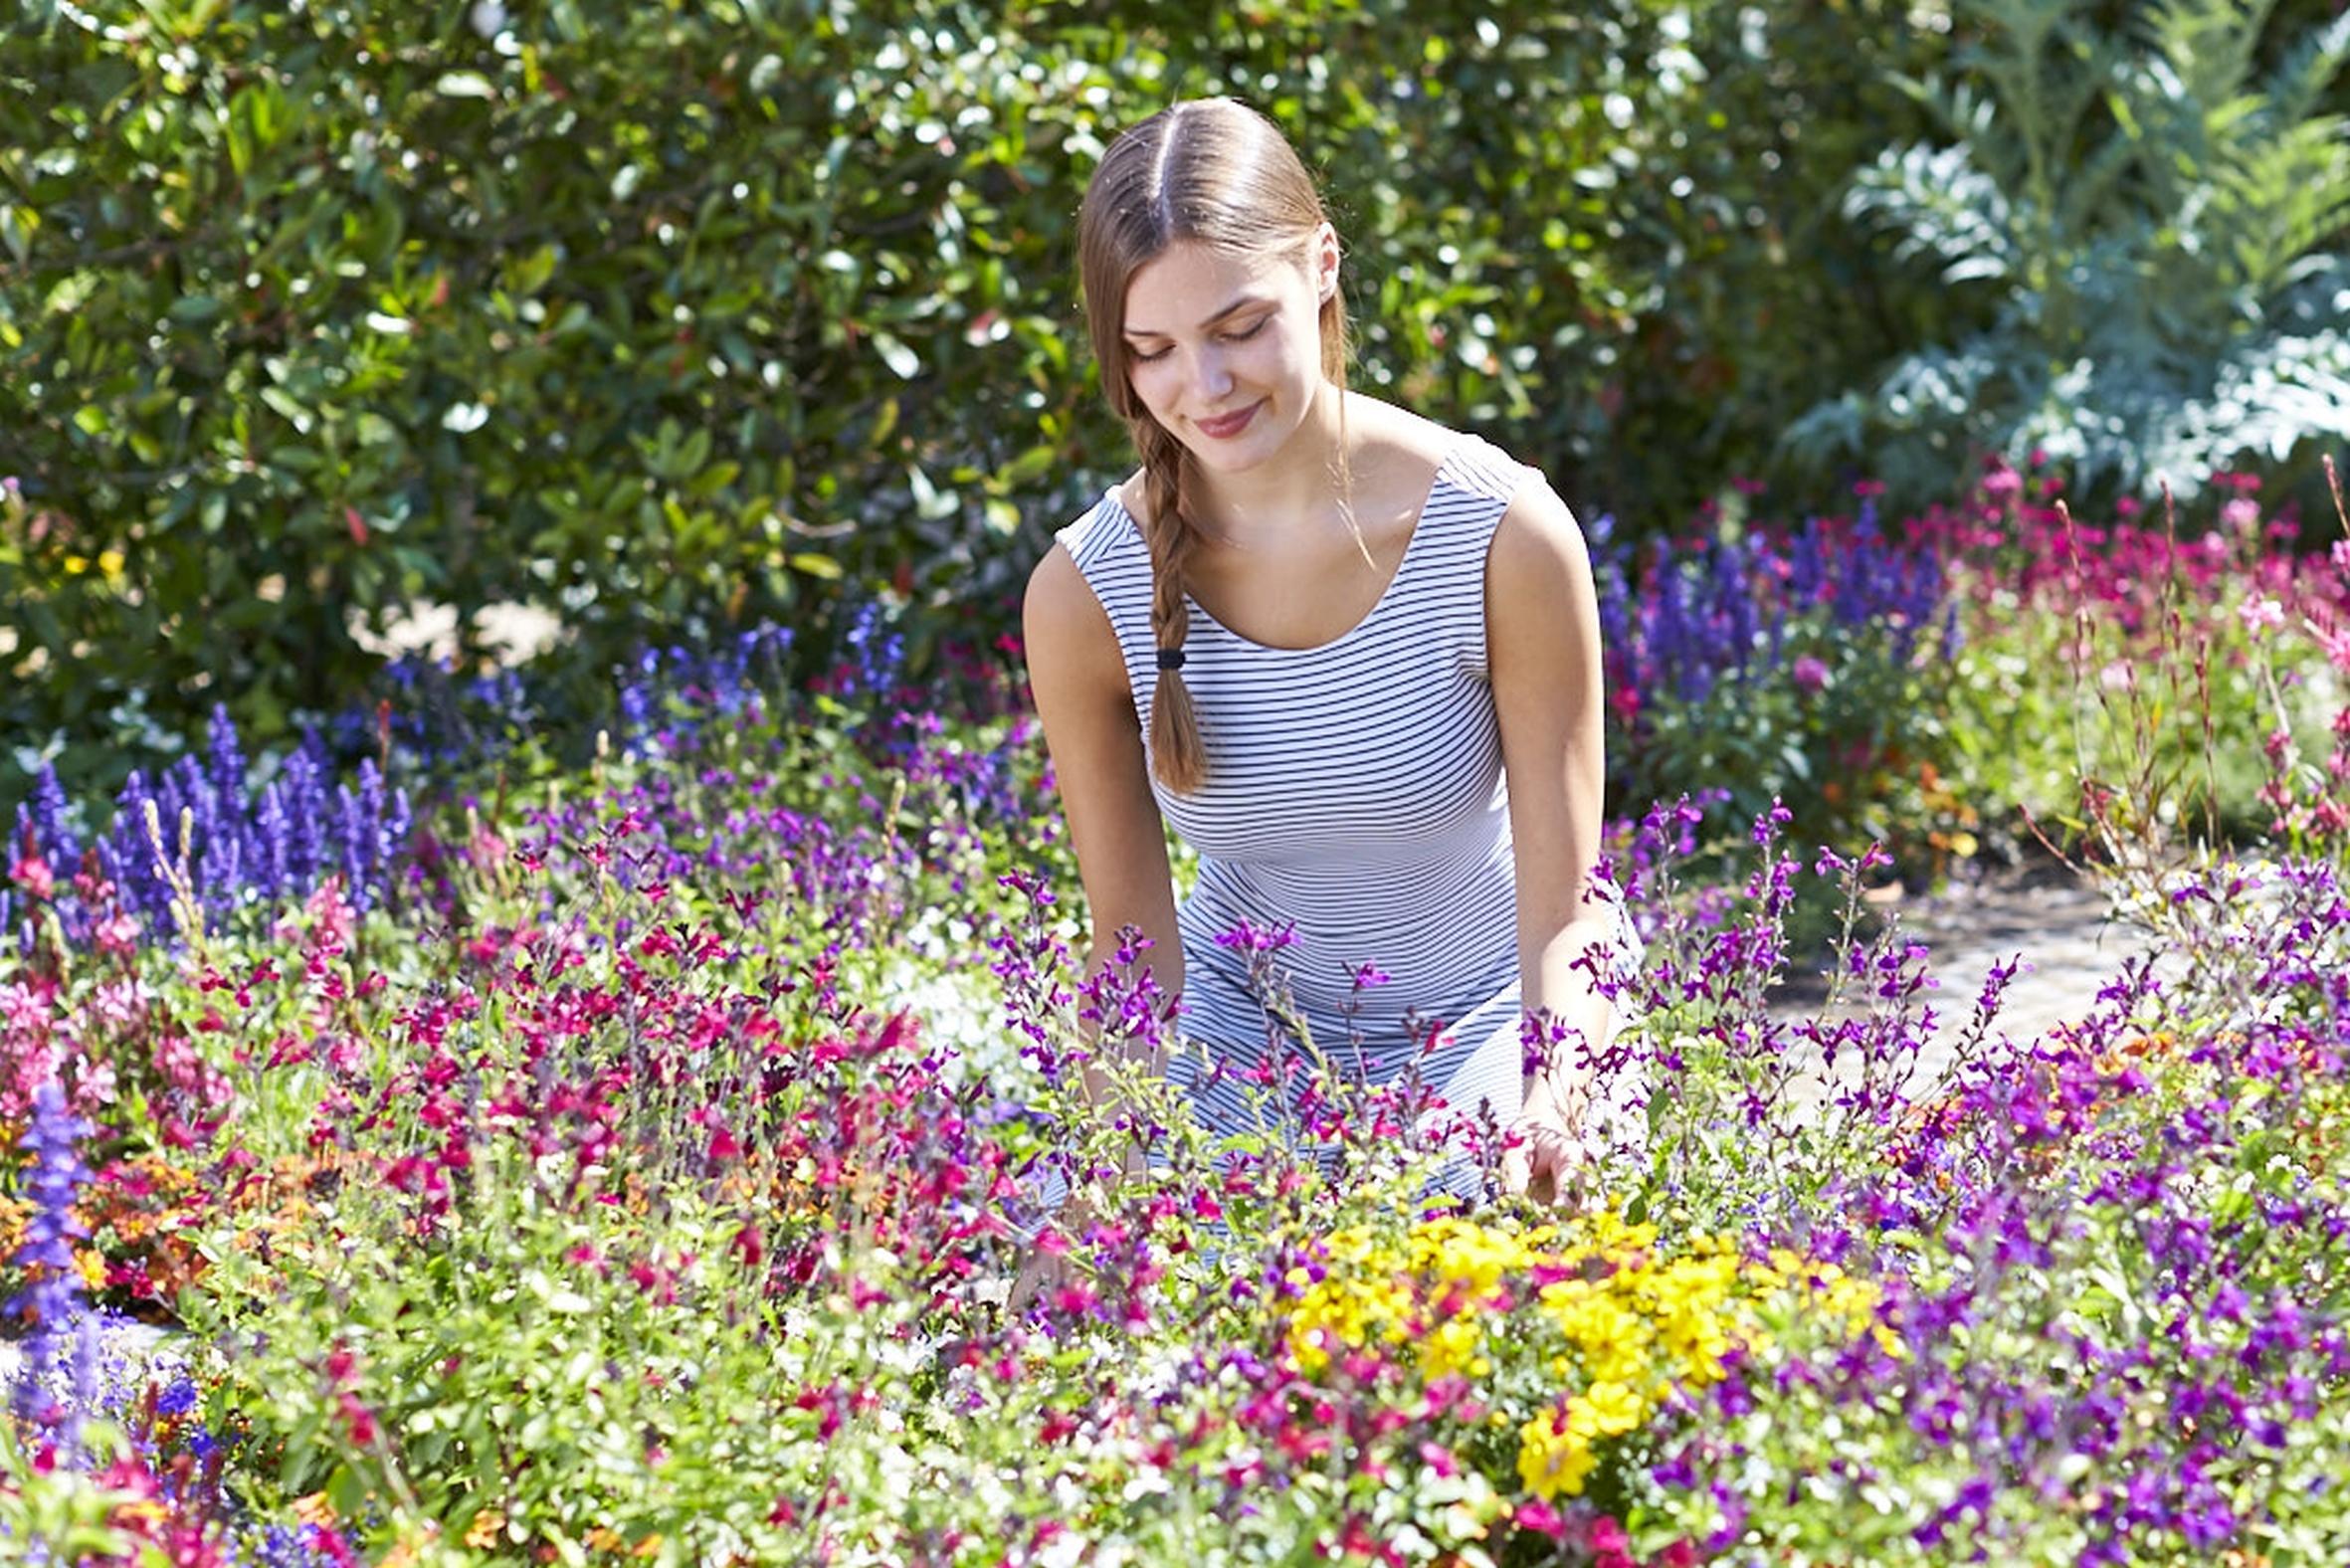 Für mehr Bestäubervielfalt im Garten: Der Mix aus einjährigen Pflanzen und Stauden als vielseitige Nahrungsquelle für Insekten